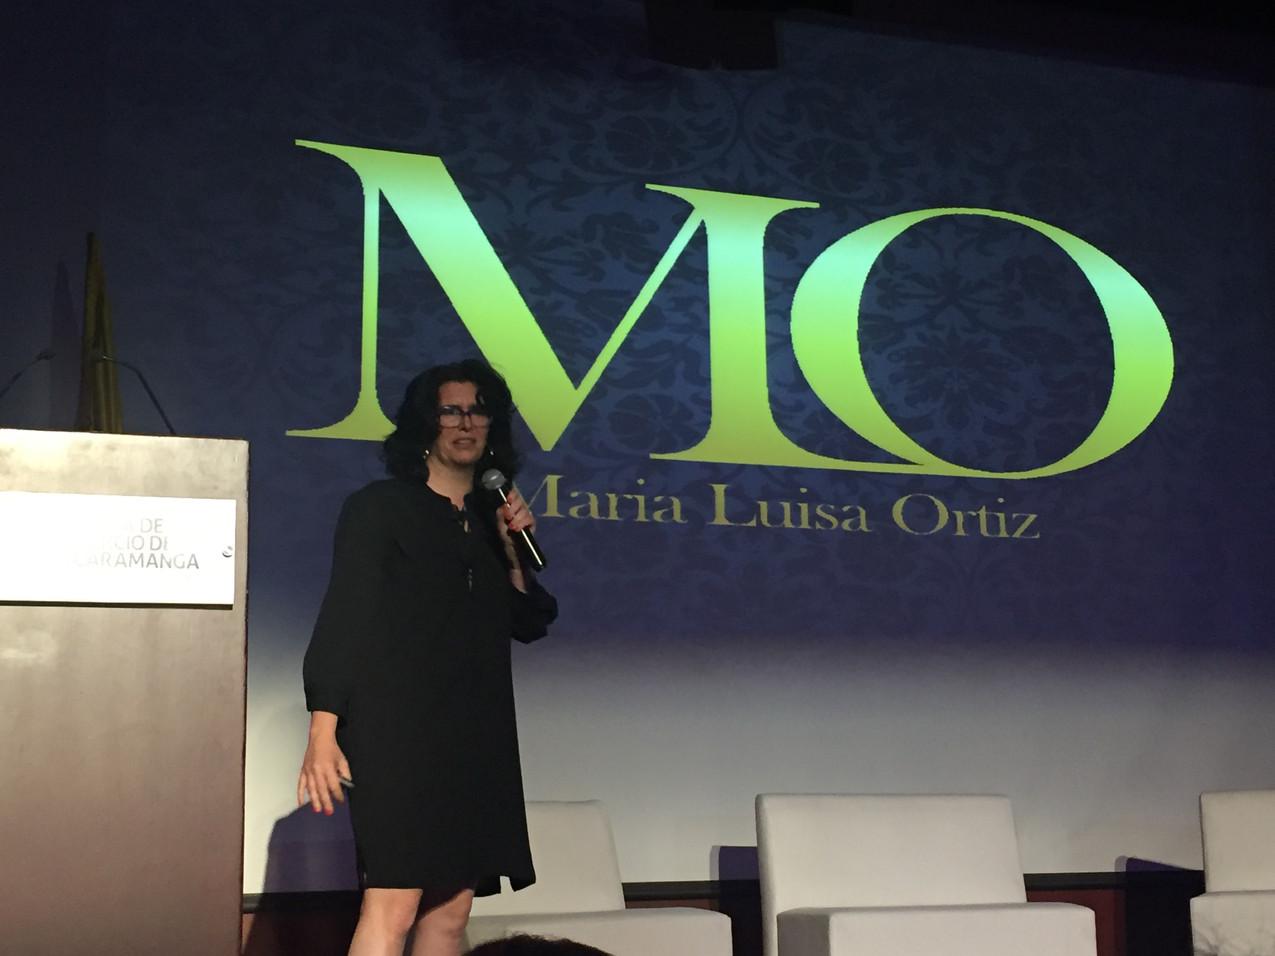 María Luisa Ortiz